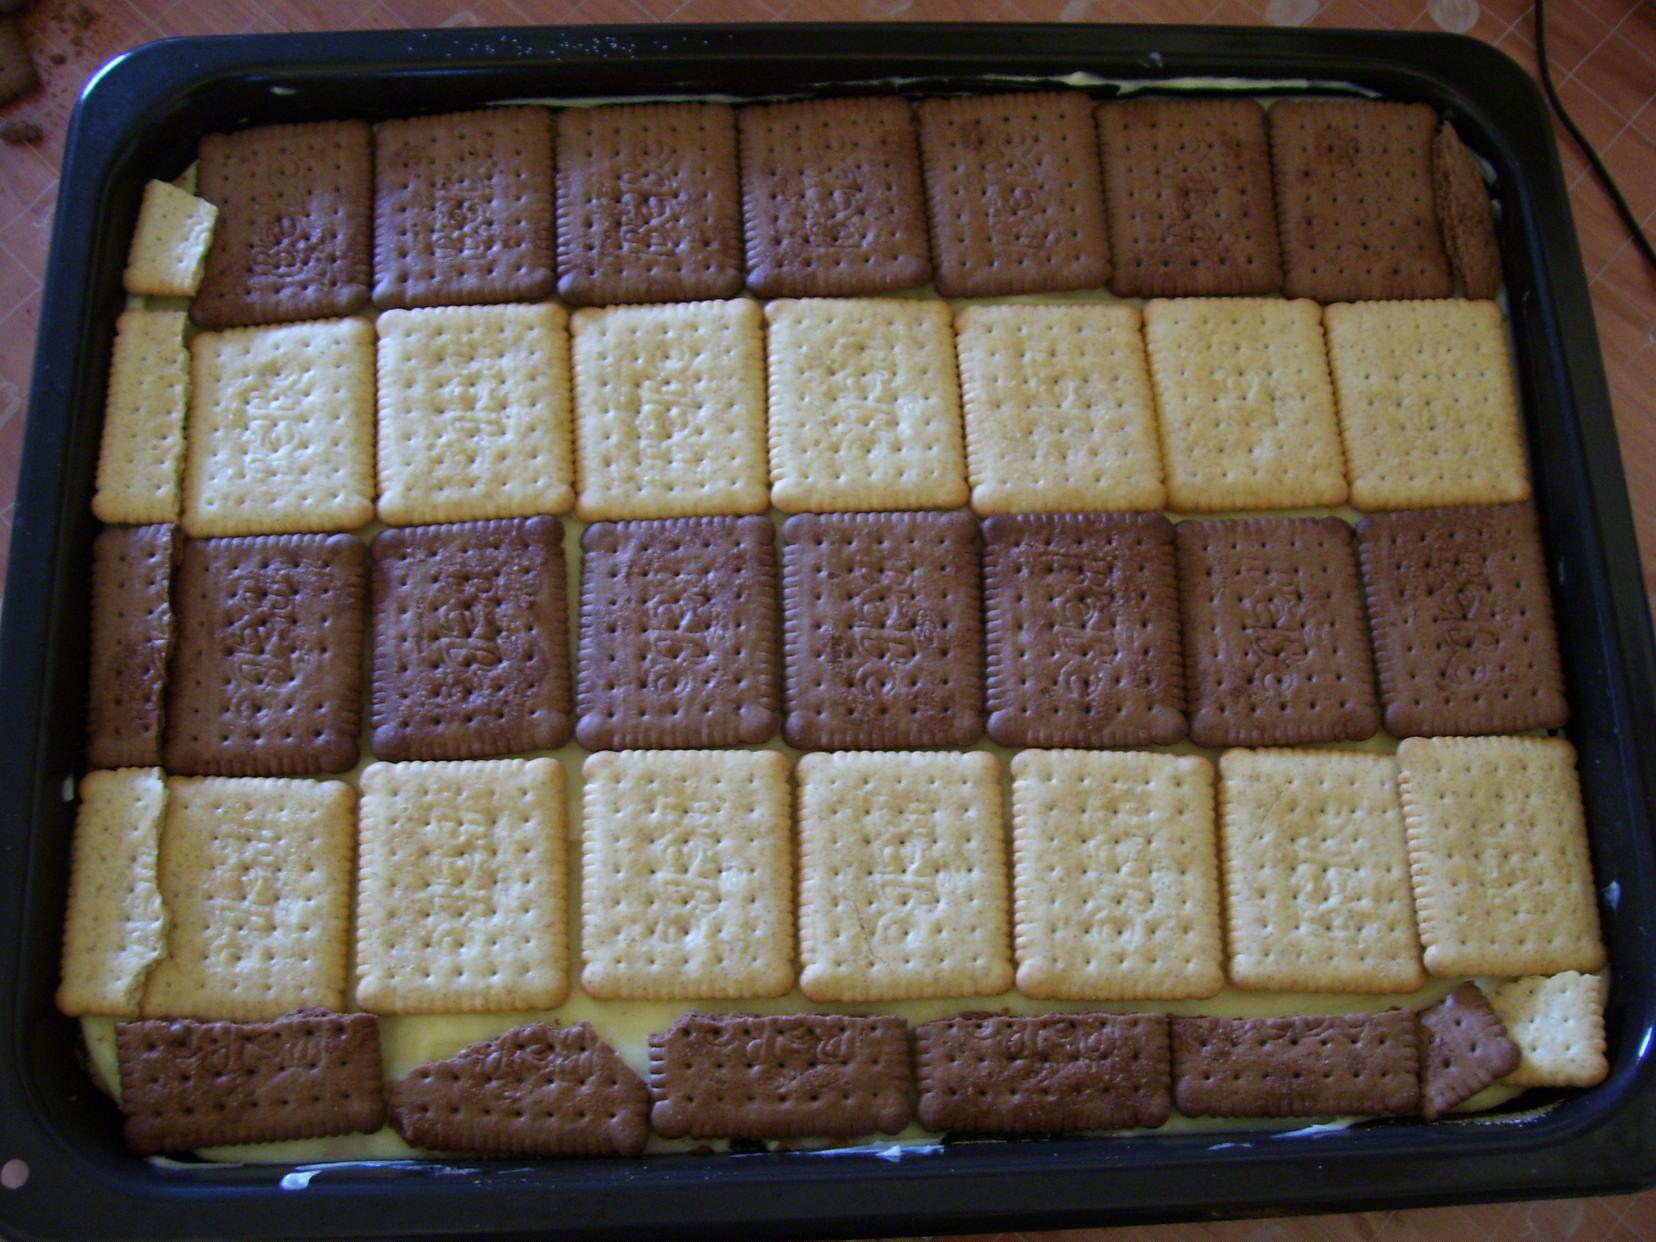 Recept Řezy s Be-Be sušenkami - Puding pokrytý sušenkami.